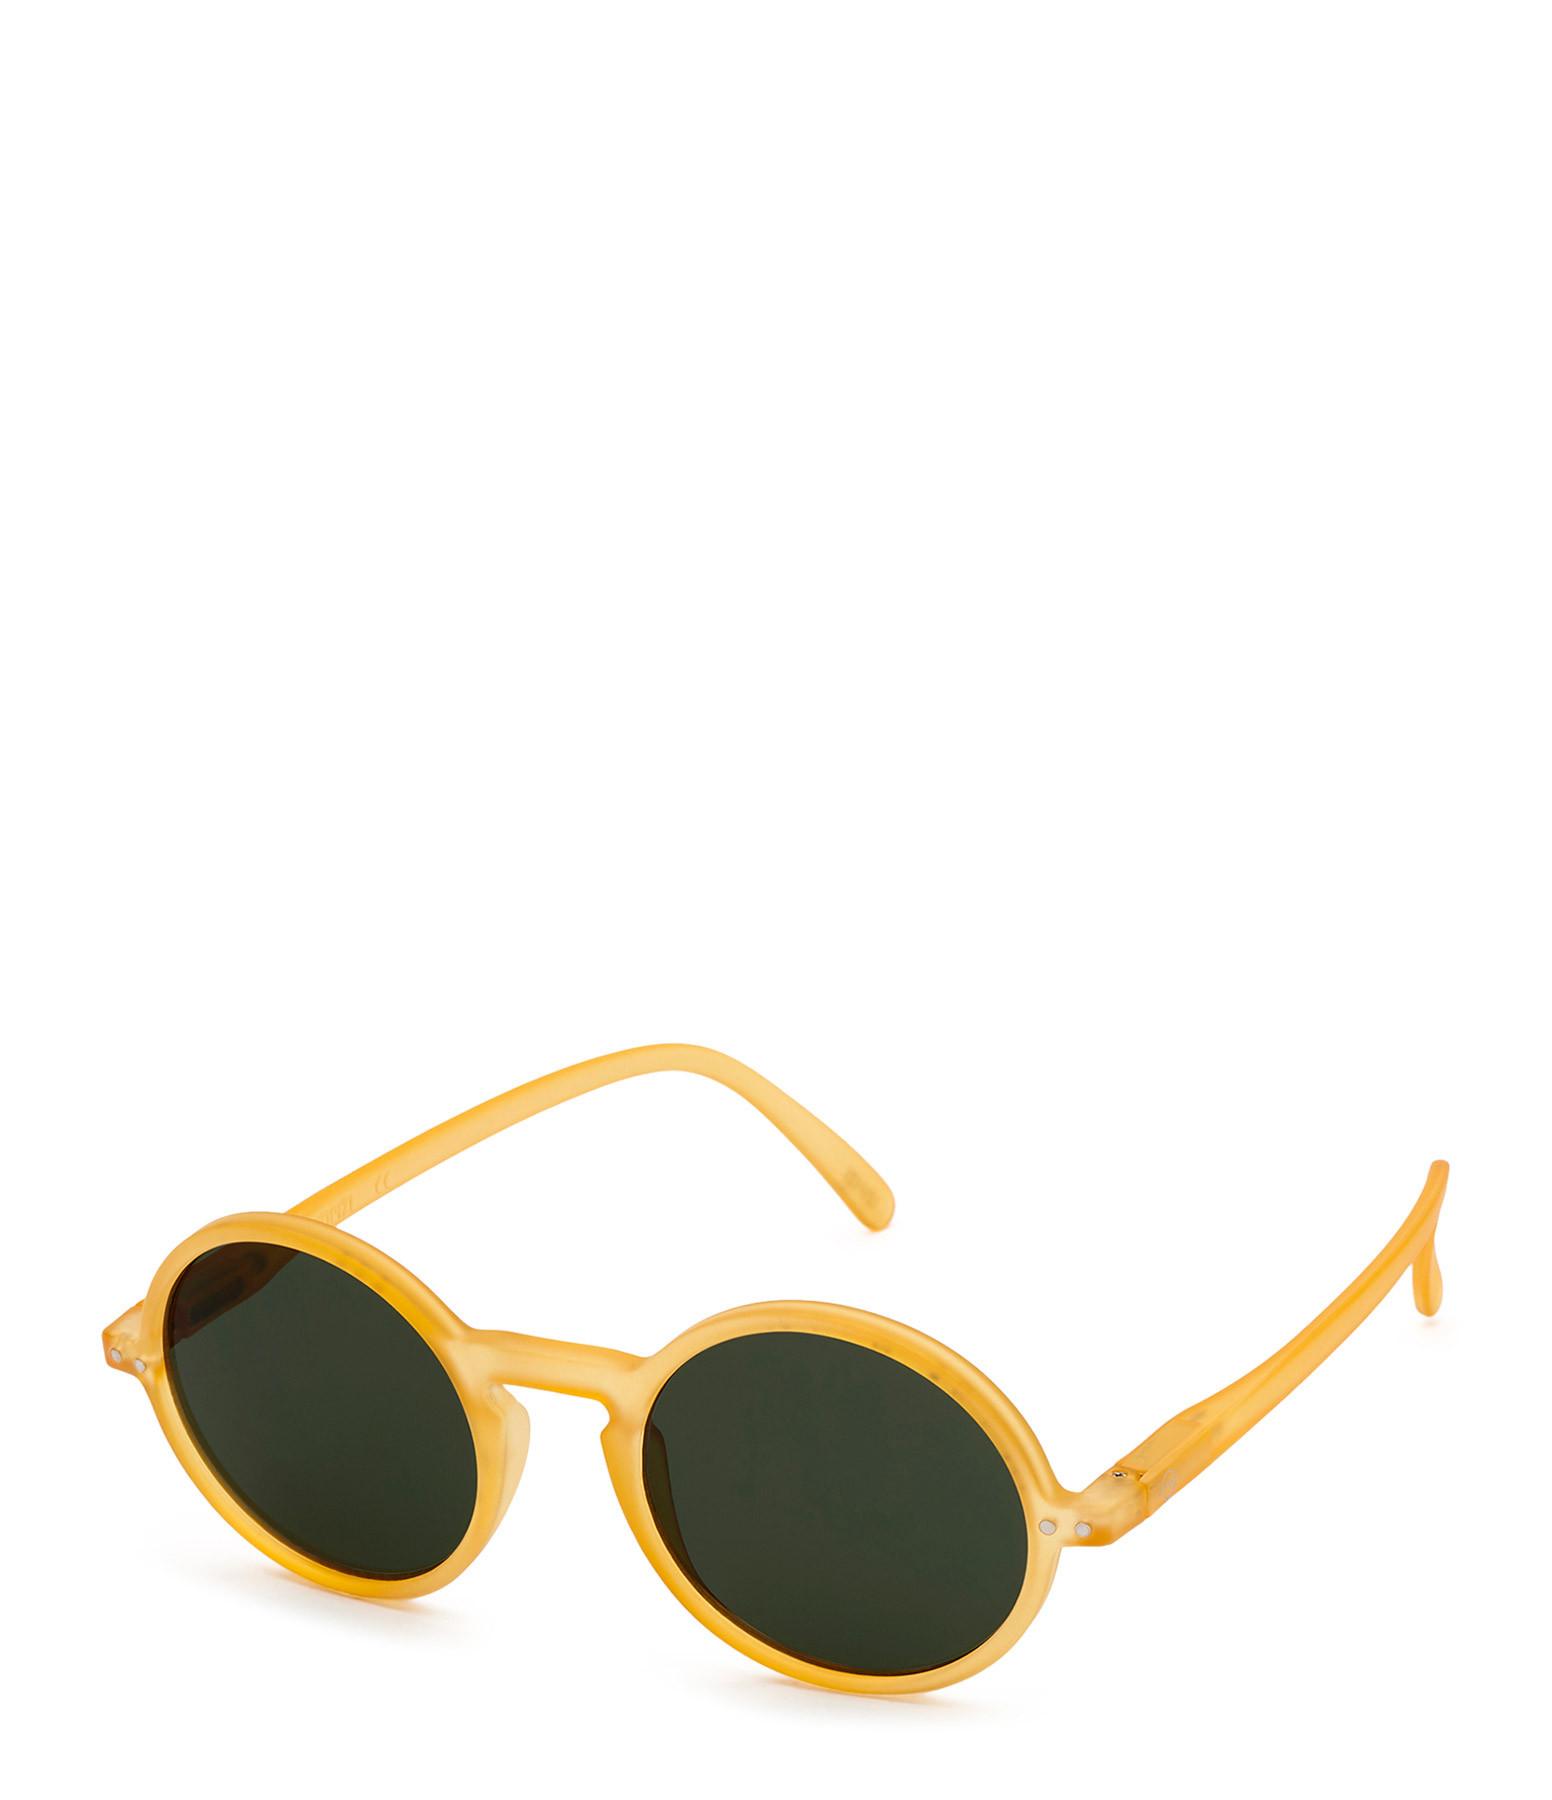 IZI PIZI - Lunettes de Soleil #G La Ronde Yellow Honey